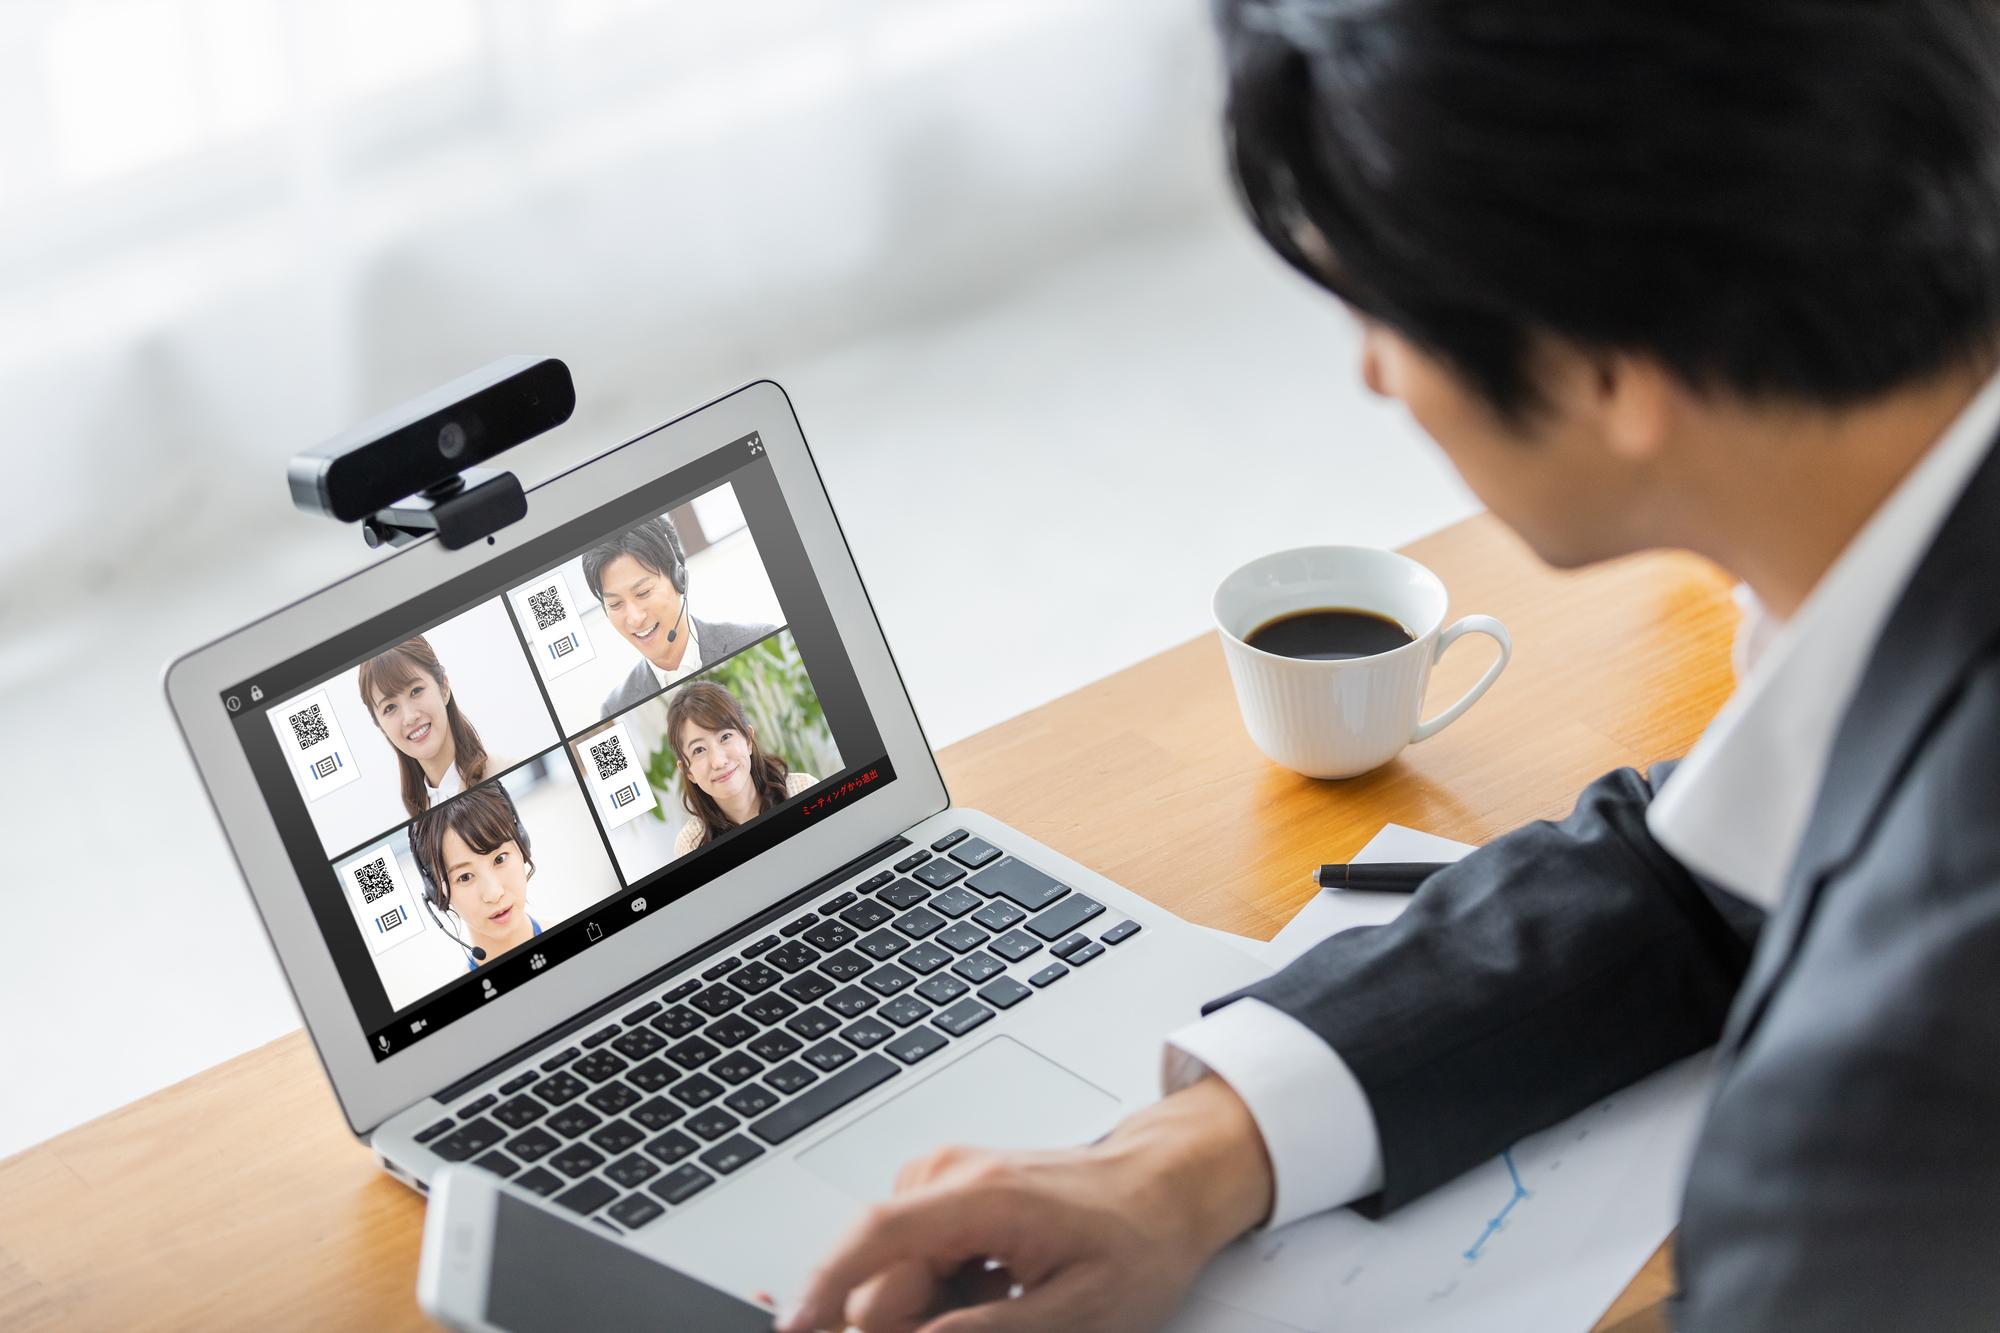 新しい働き方には必須。ビジネスマン注目のオンライン名刺交換とは_1